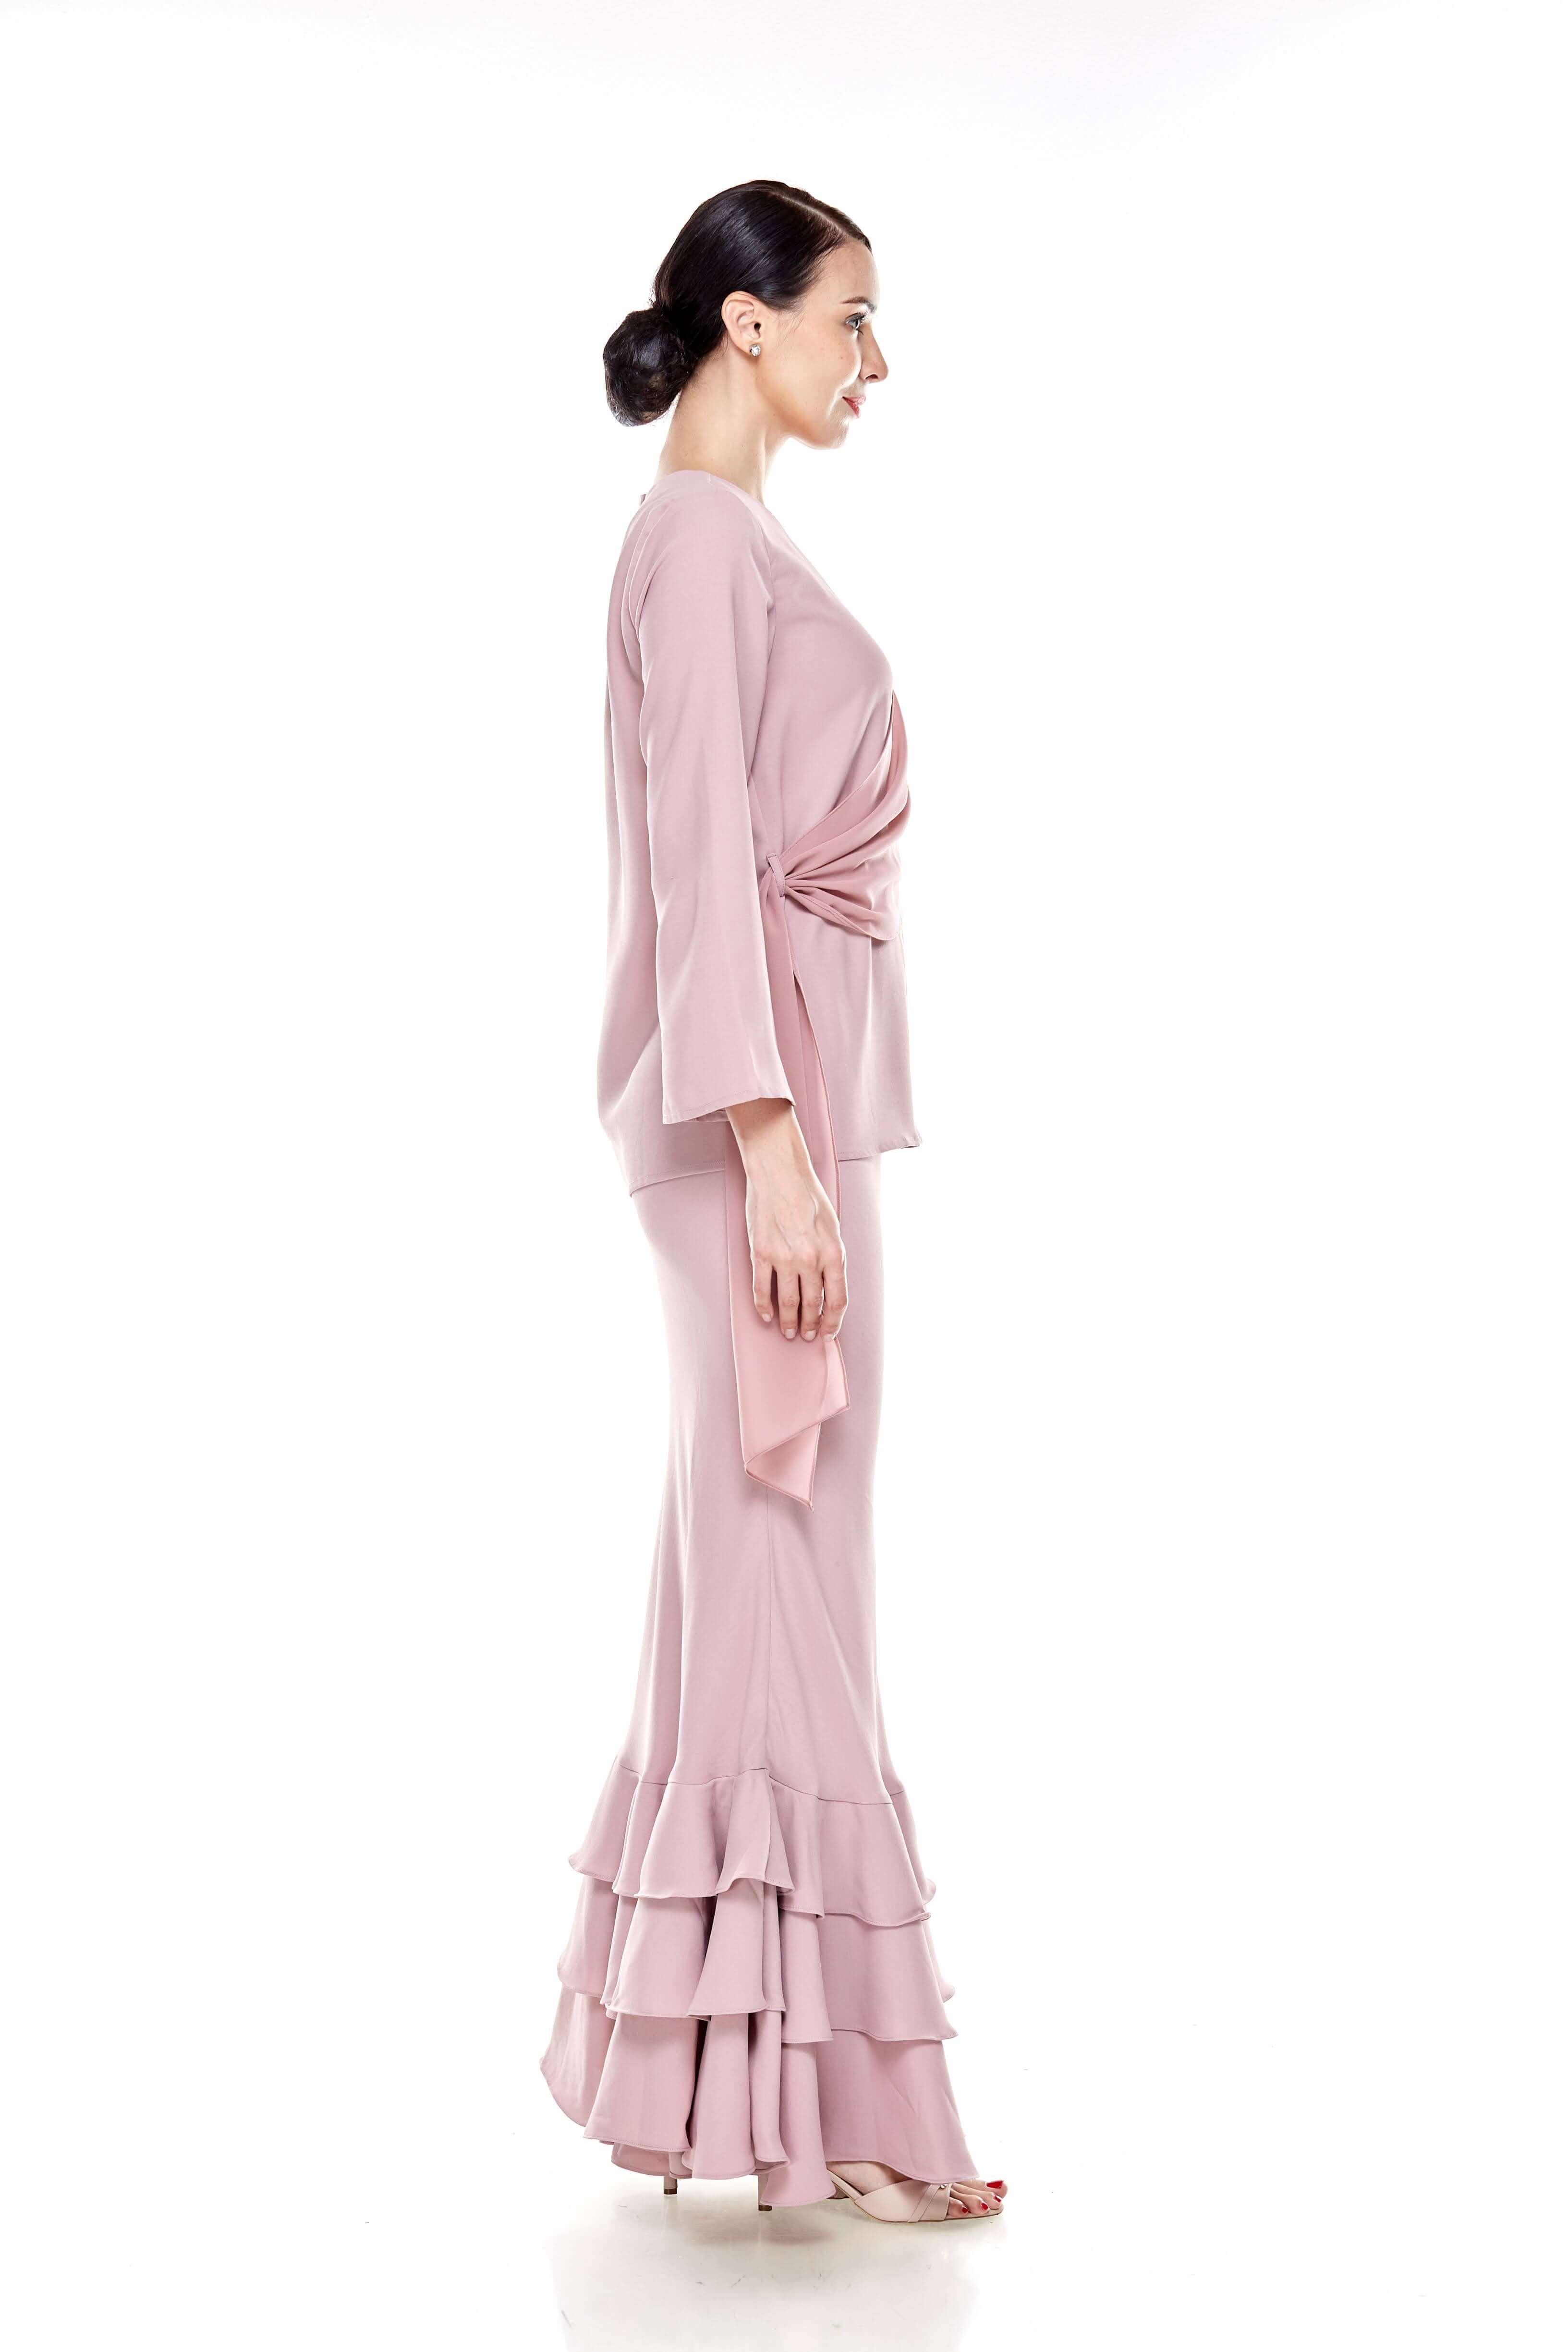 Rose Dawn Pink Sash Blouse (7)